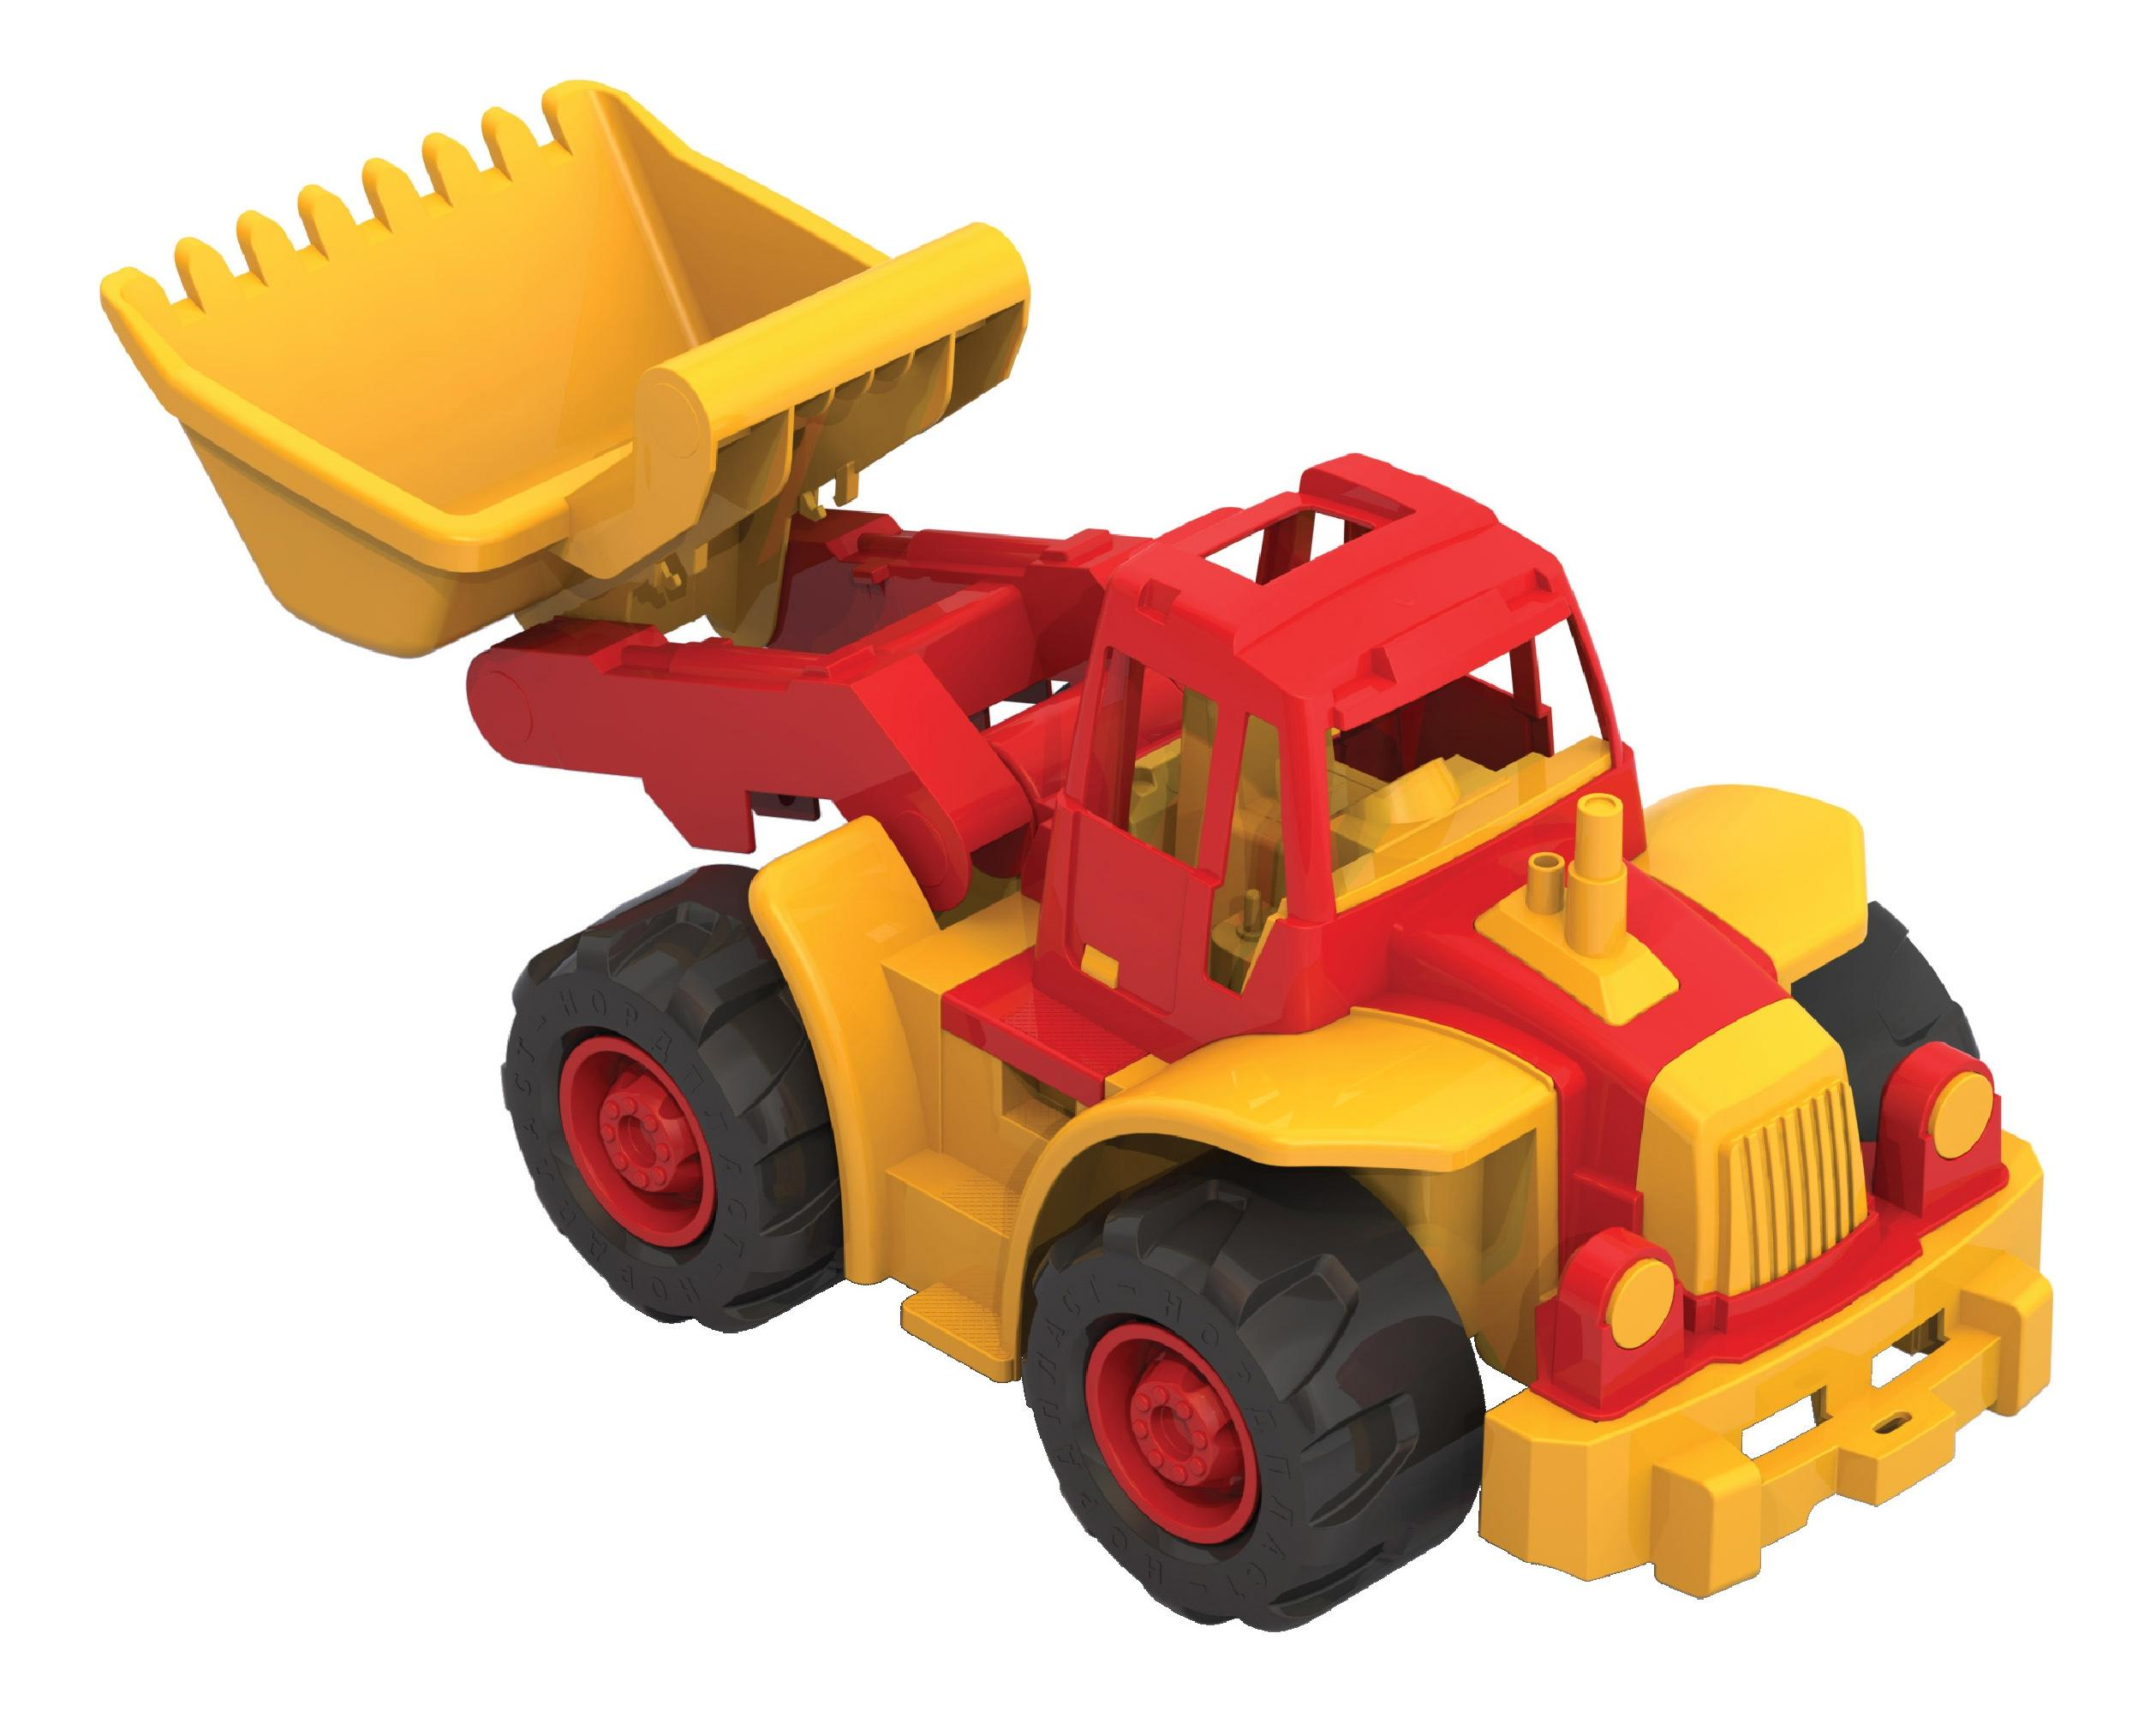 Купить 'Богатырь' мини с грейдером, Трактор Нордпласт Богатырь мини с грейдером, НОРДПЛАСТ,